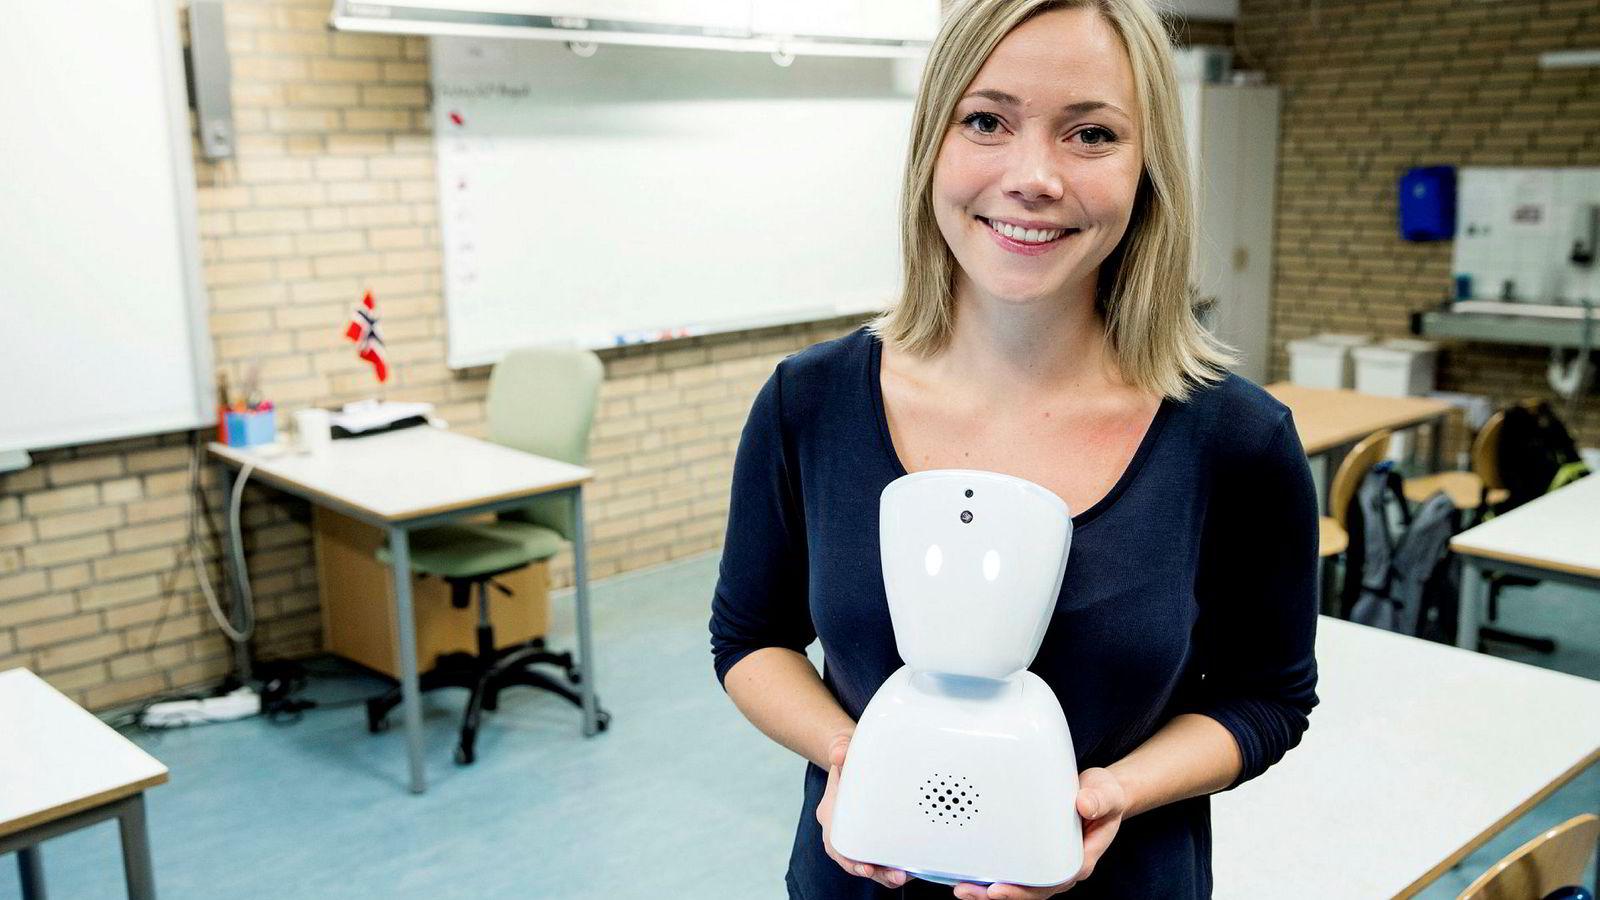 Daglig leder Karen Dolva i selskapet No Isolation med roboten AV1, som skal gi syke barn kontakt med klasserommet fra sykesengen. Dolva mener det å lage noe med it er ekstremt spennende og ikke så vanskelig som mange tror.